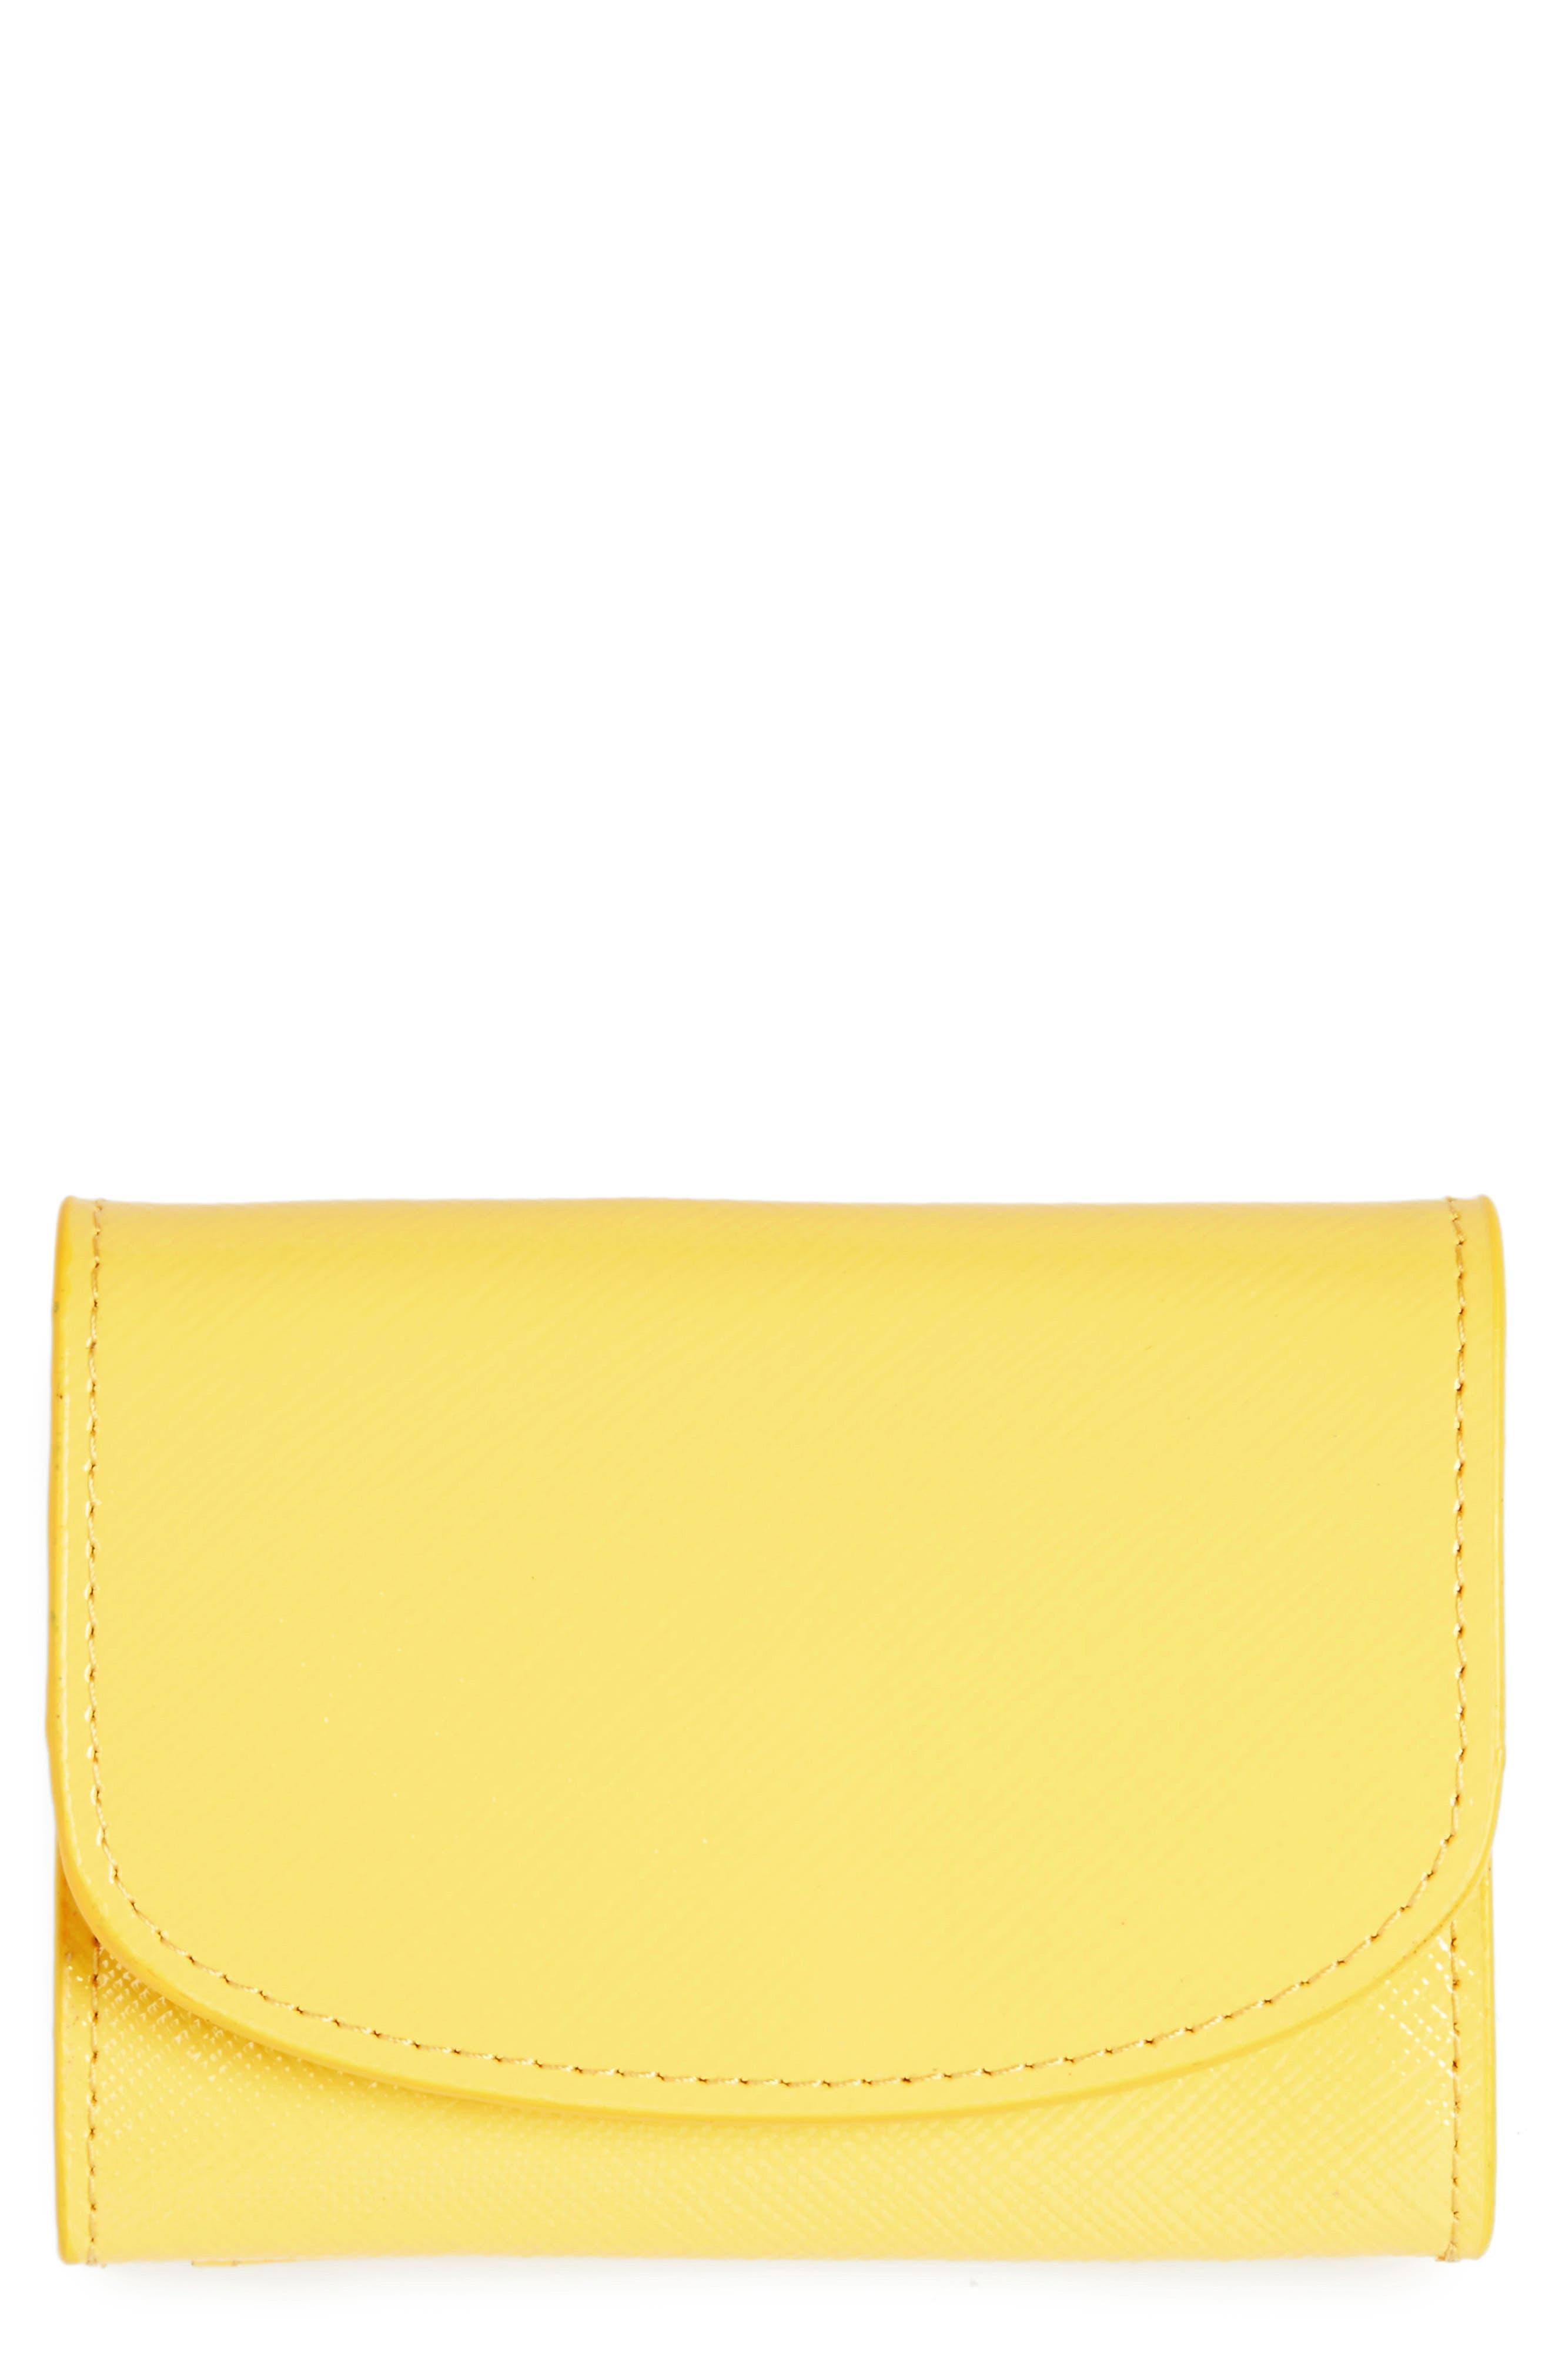 Nordstrom Leather Card Holder